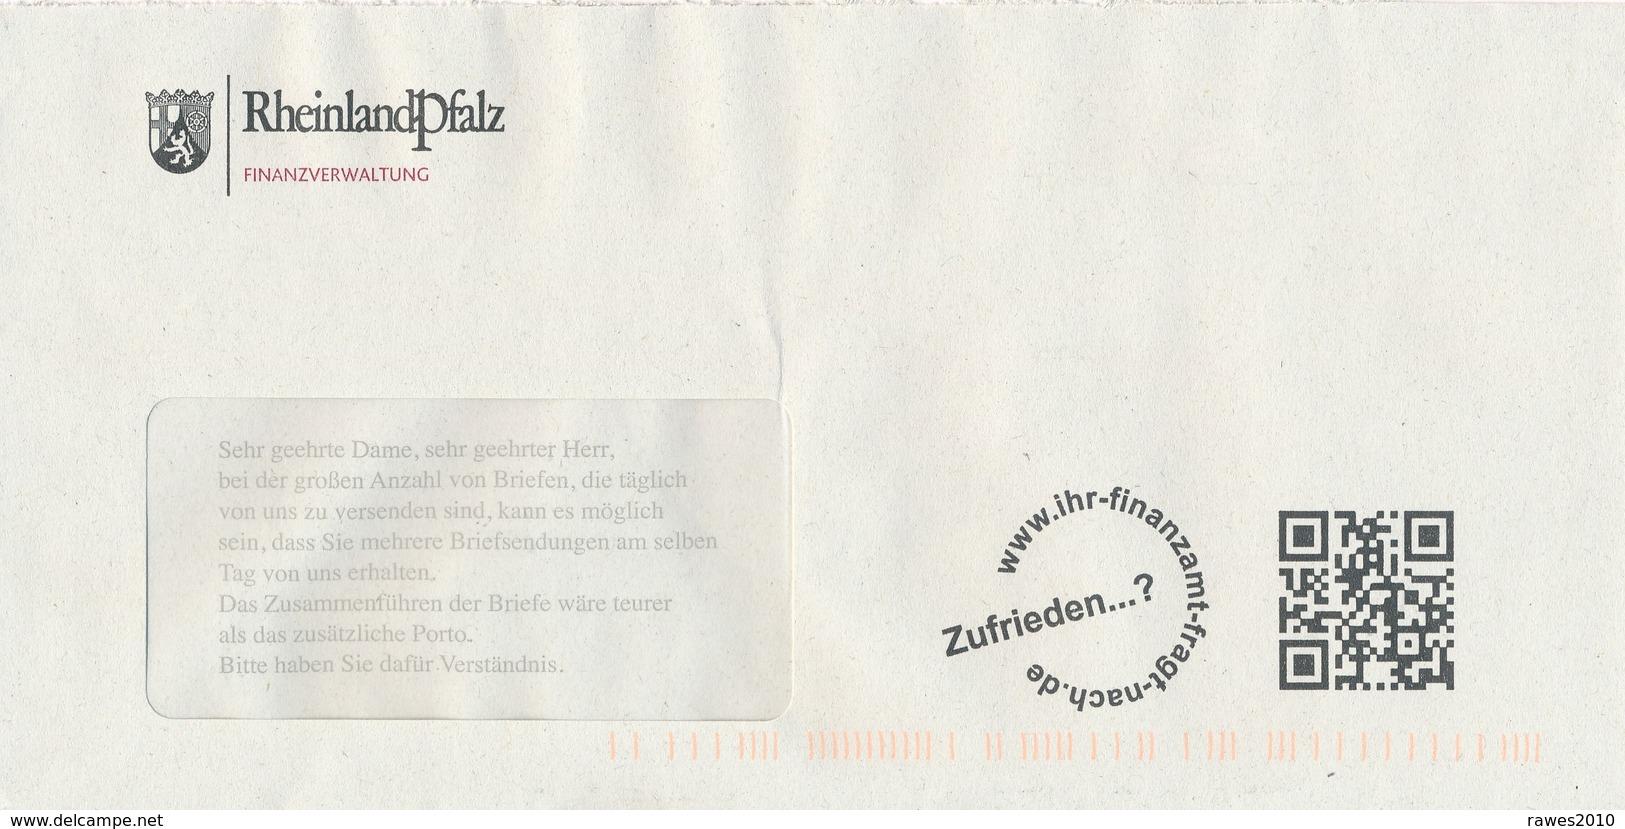 BRD Mainz Finanzverwaltung RheinlandPfalz Wappen Löwe QCR-Code Zufrieden ...? - Briefe U. Dokumente